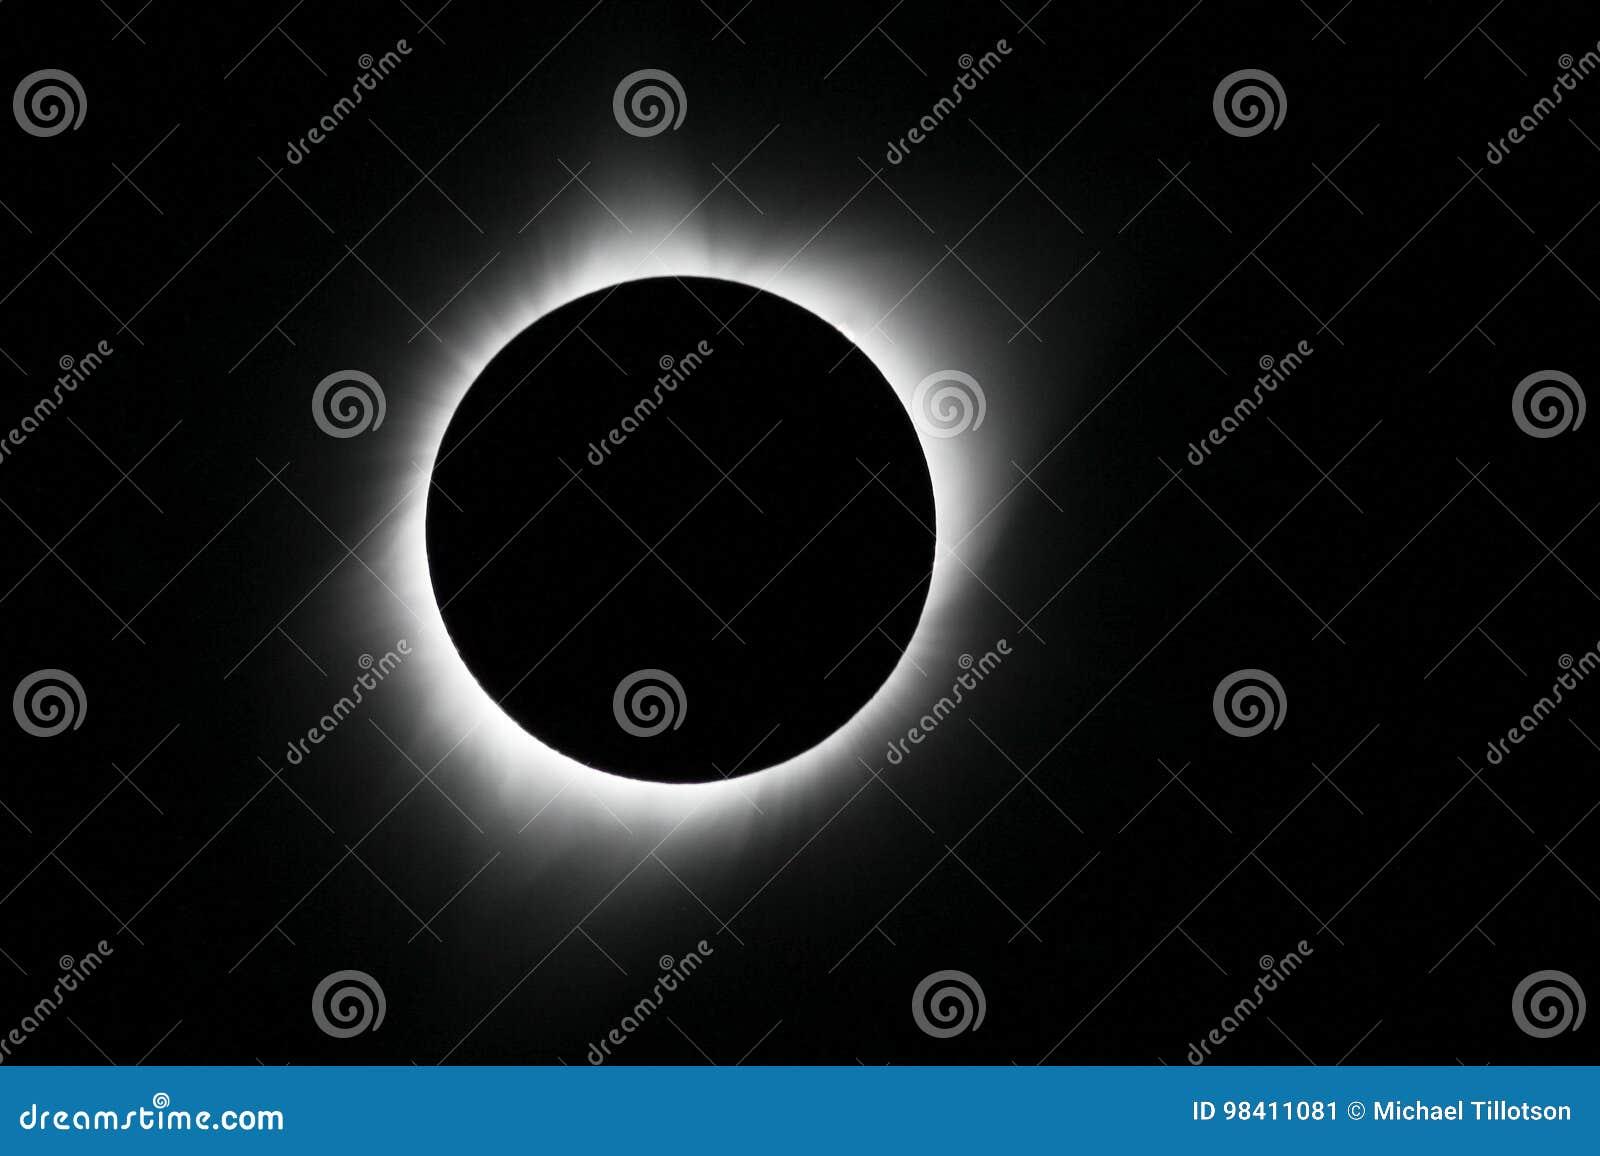 Sonnenfinsternis vom 21. August 2017